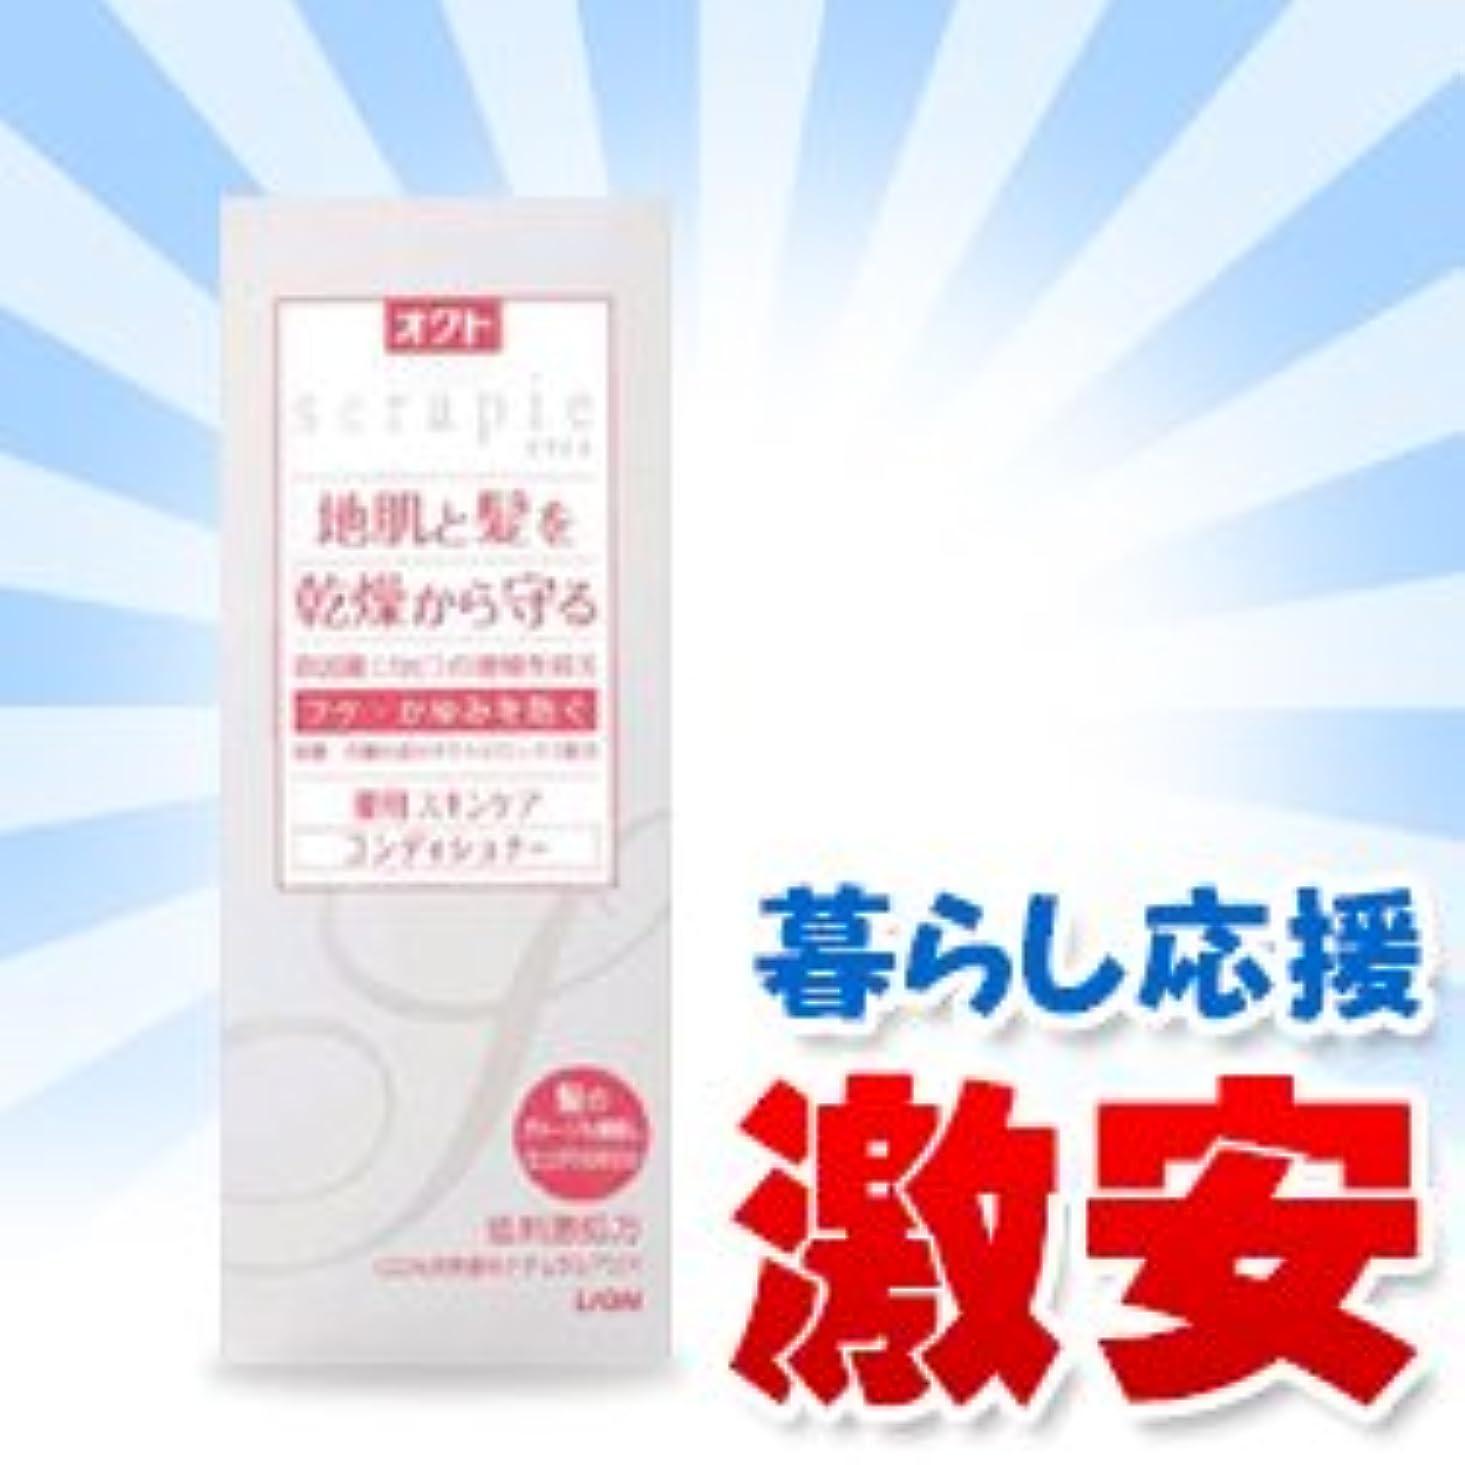 派生するアスペクト満足【ライオン】オクトserapie(セラピエ)薬用スキンケアコンディショナー230ml×6個セット